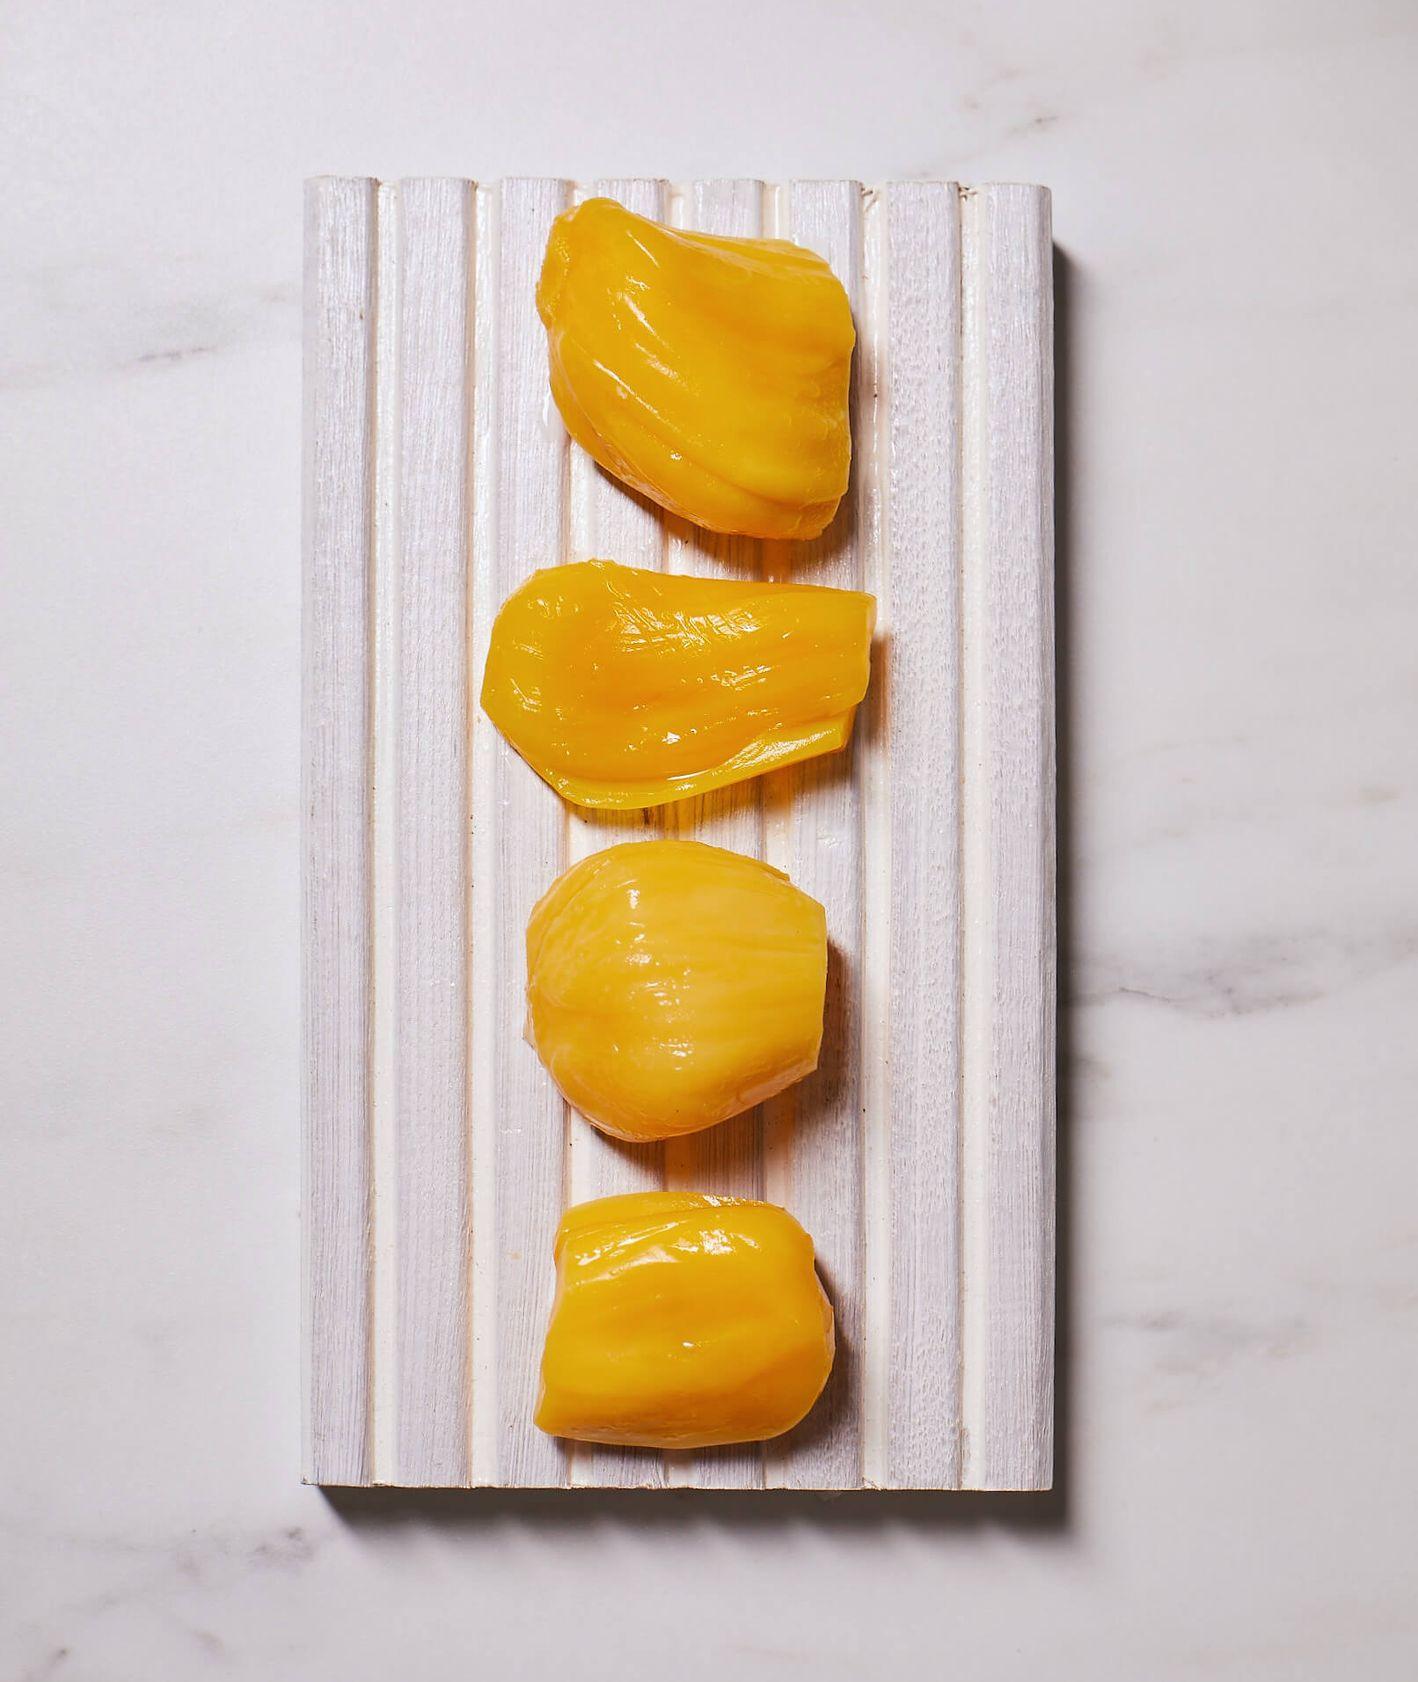 Chlebowie lub Jackfruit - roślinny zamiennik mięsa